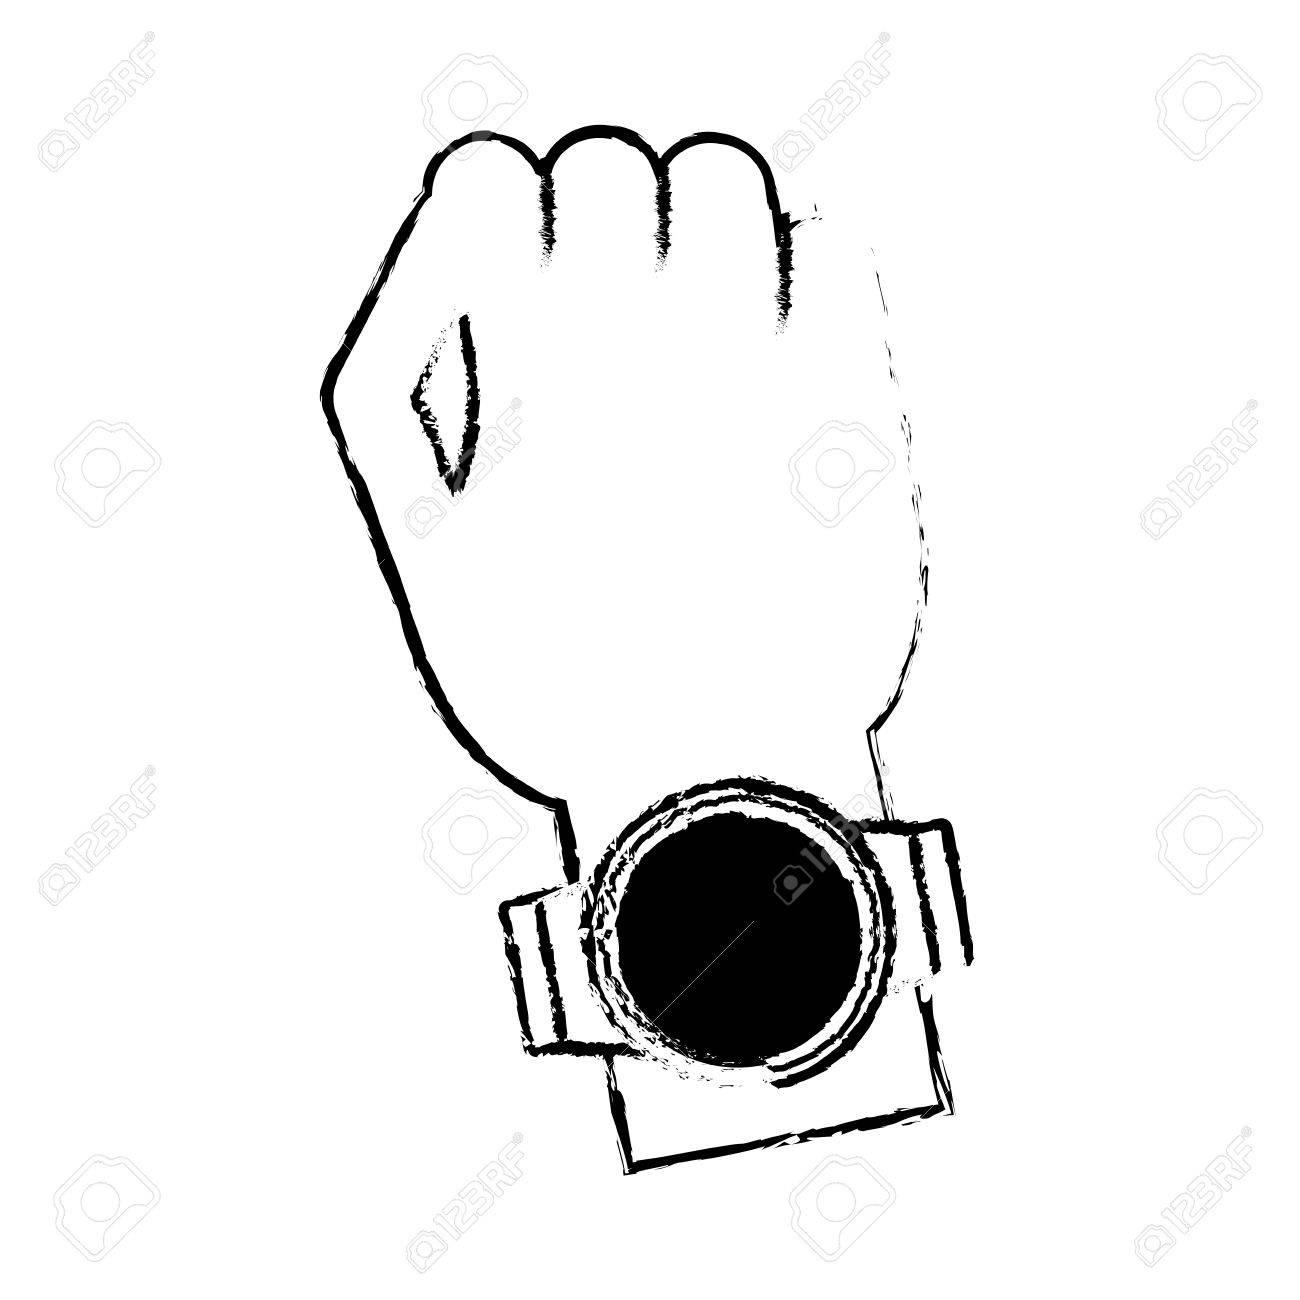 44eef1d7906 Foto de archivo mão digital relógio inteligente wearable tecnologia desenho  ilustração vetorial eps jpg 1300x1300 Relogio